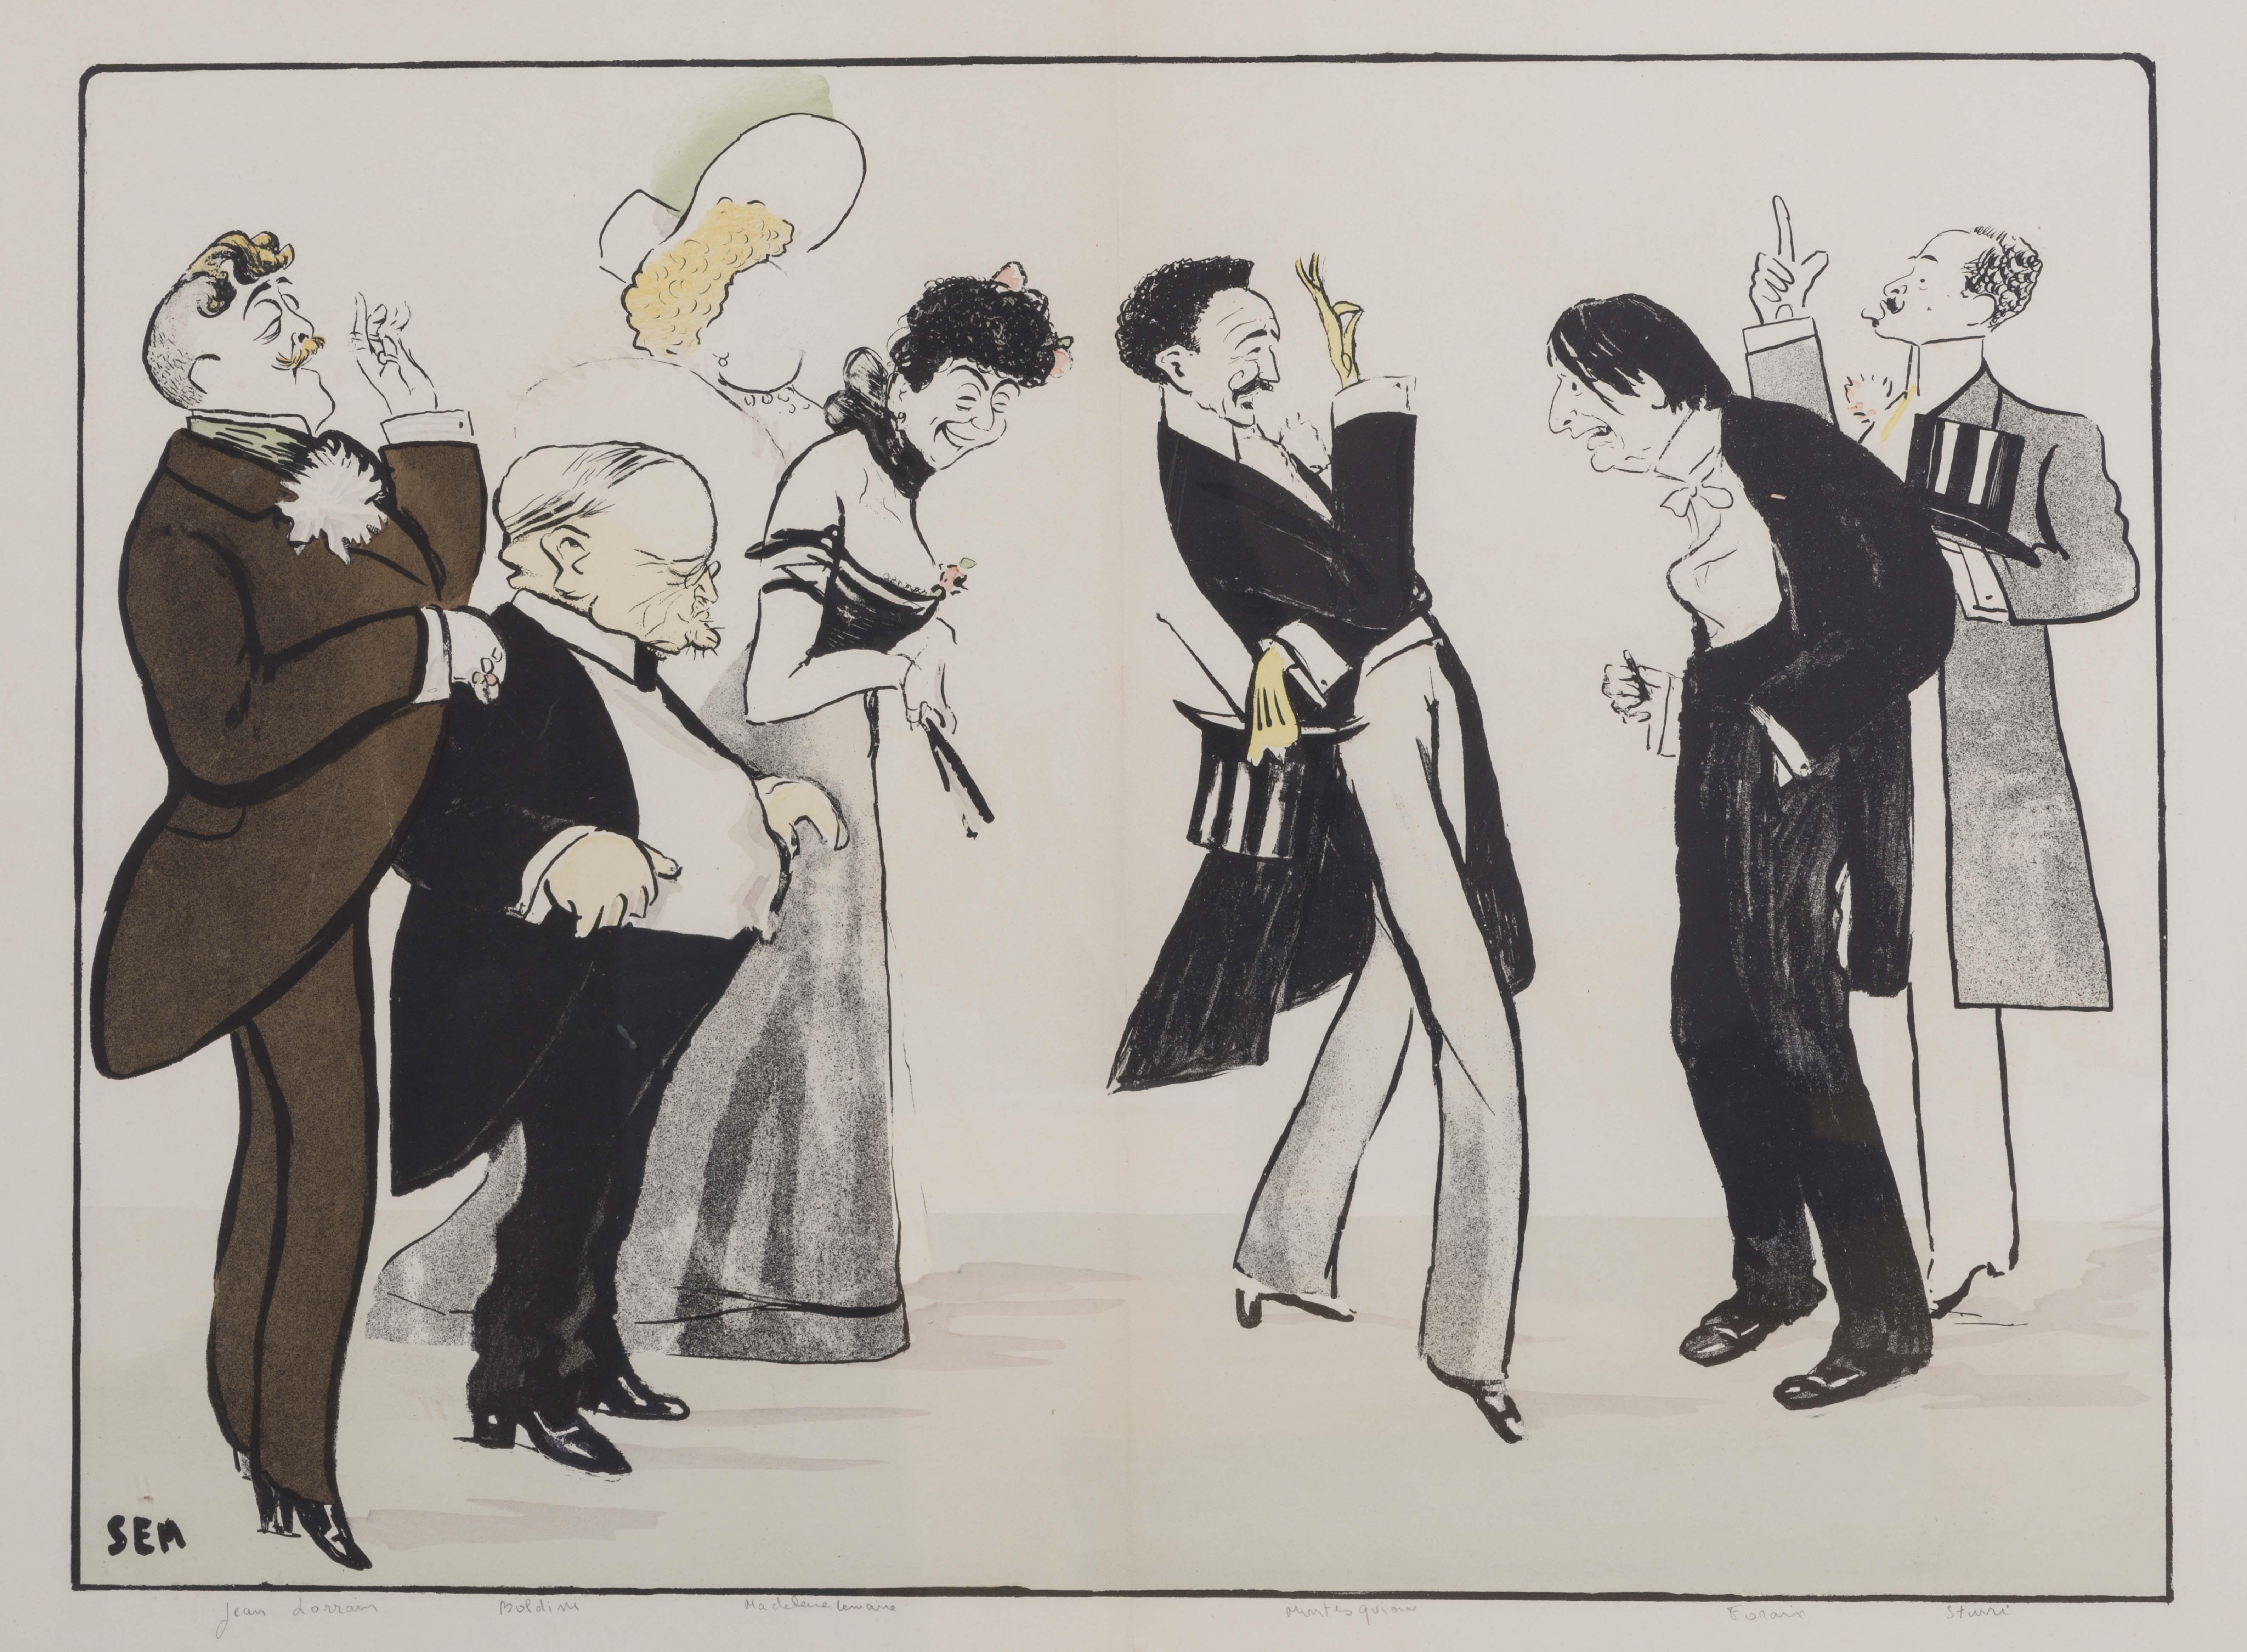 05-lorrain-boldoni-kate-moore-mad.-lemaire-comte-de-montesquiou-forain-caricature-de-sem-1903-